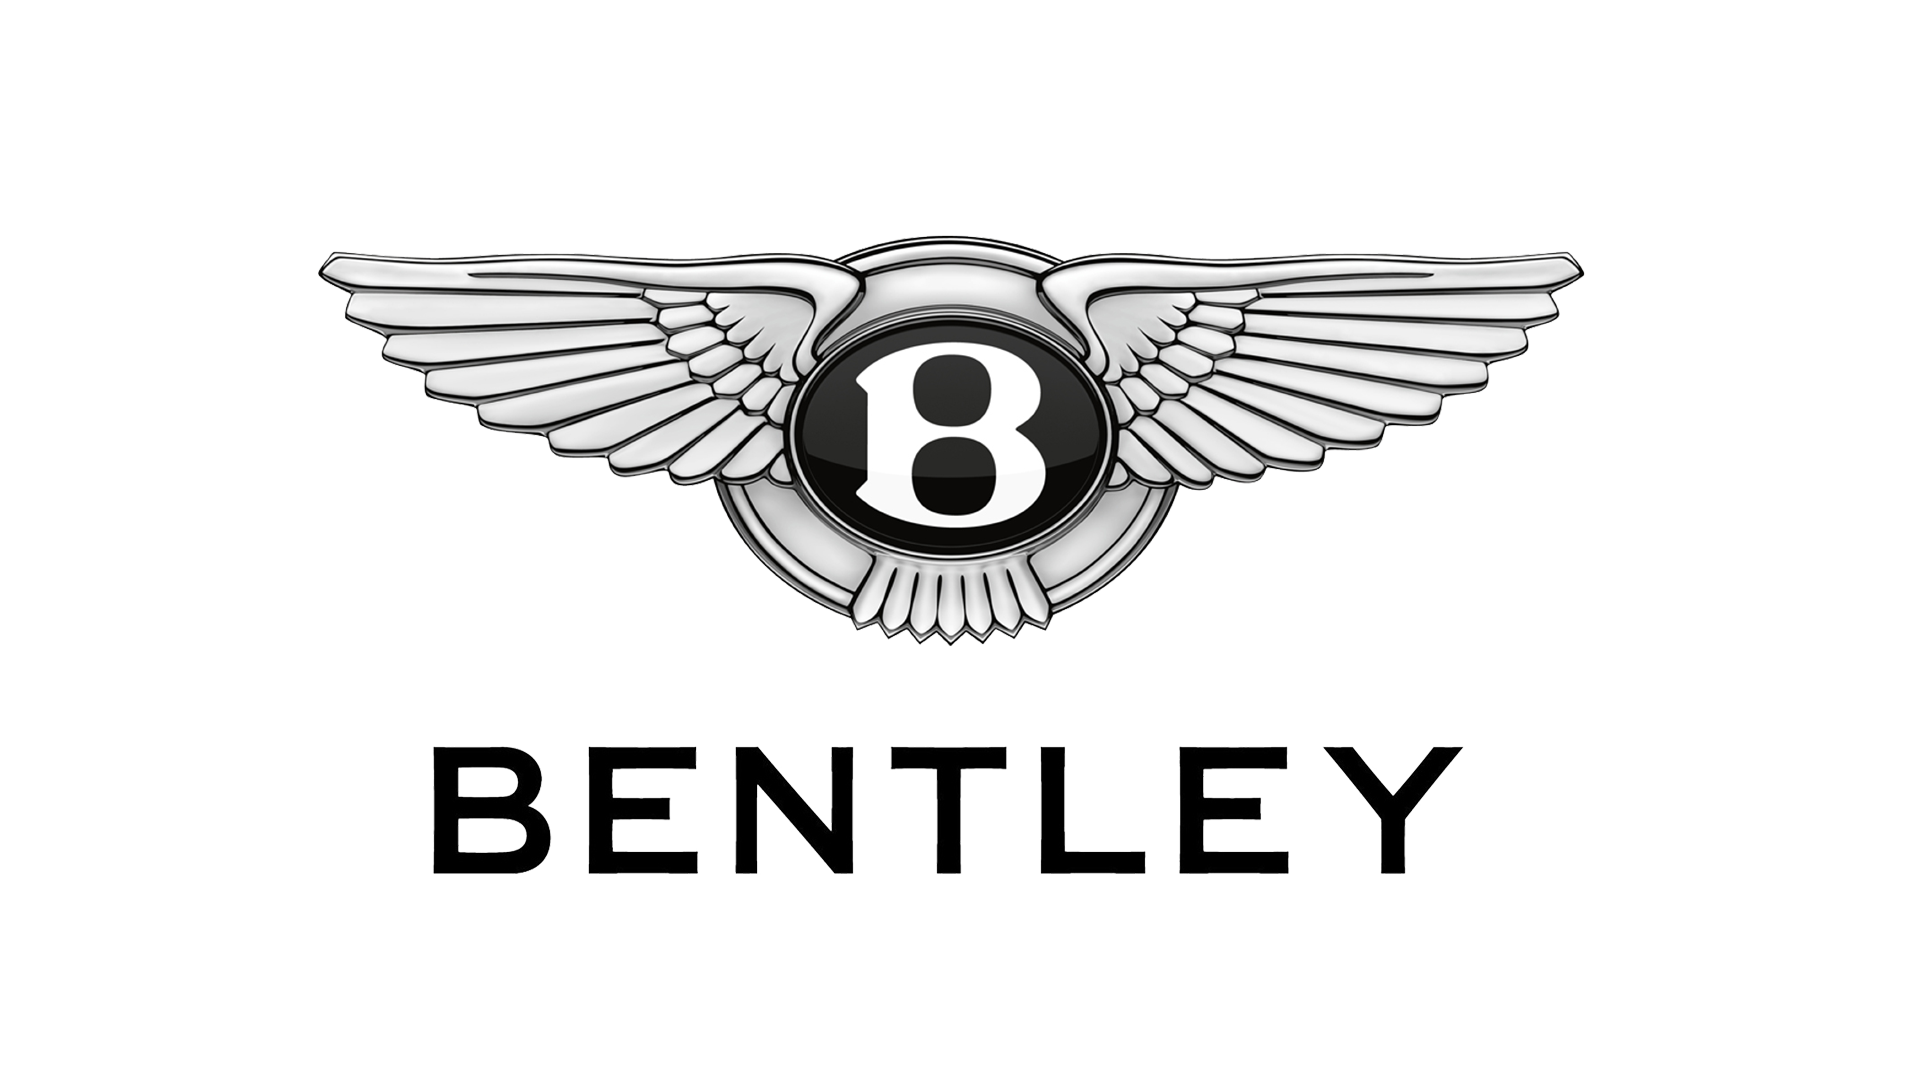 نتيجة بحث الصور عن bentley logo png